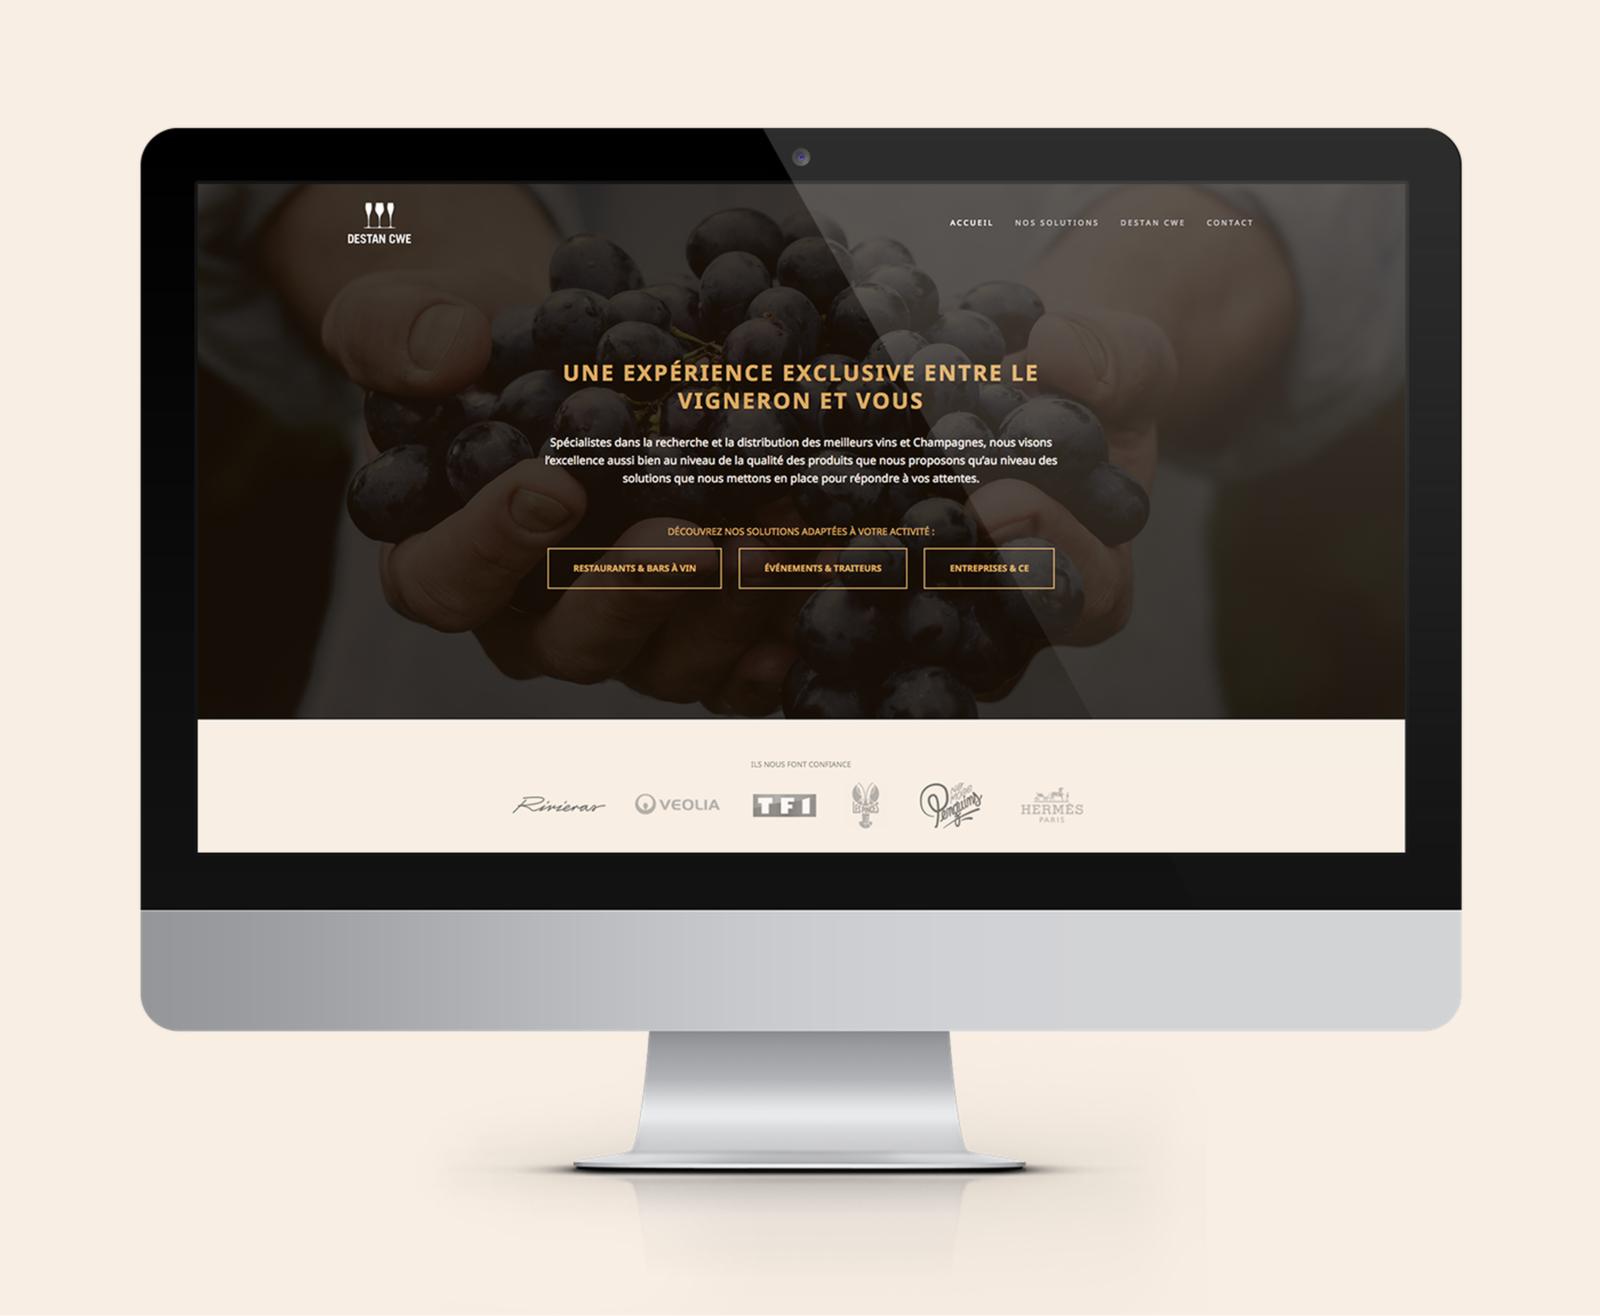 Page d'accueil du site web de Destan réalisé par le Studio DPE